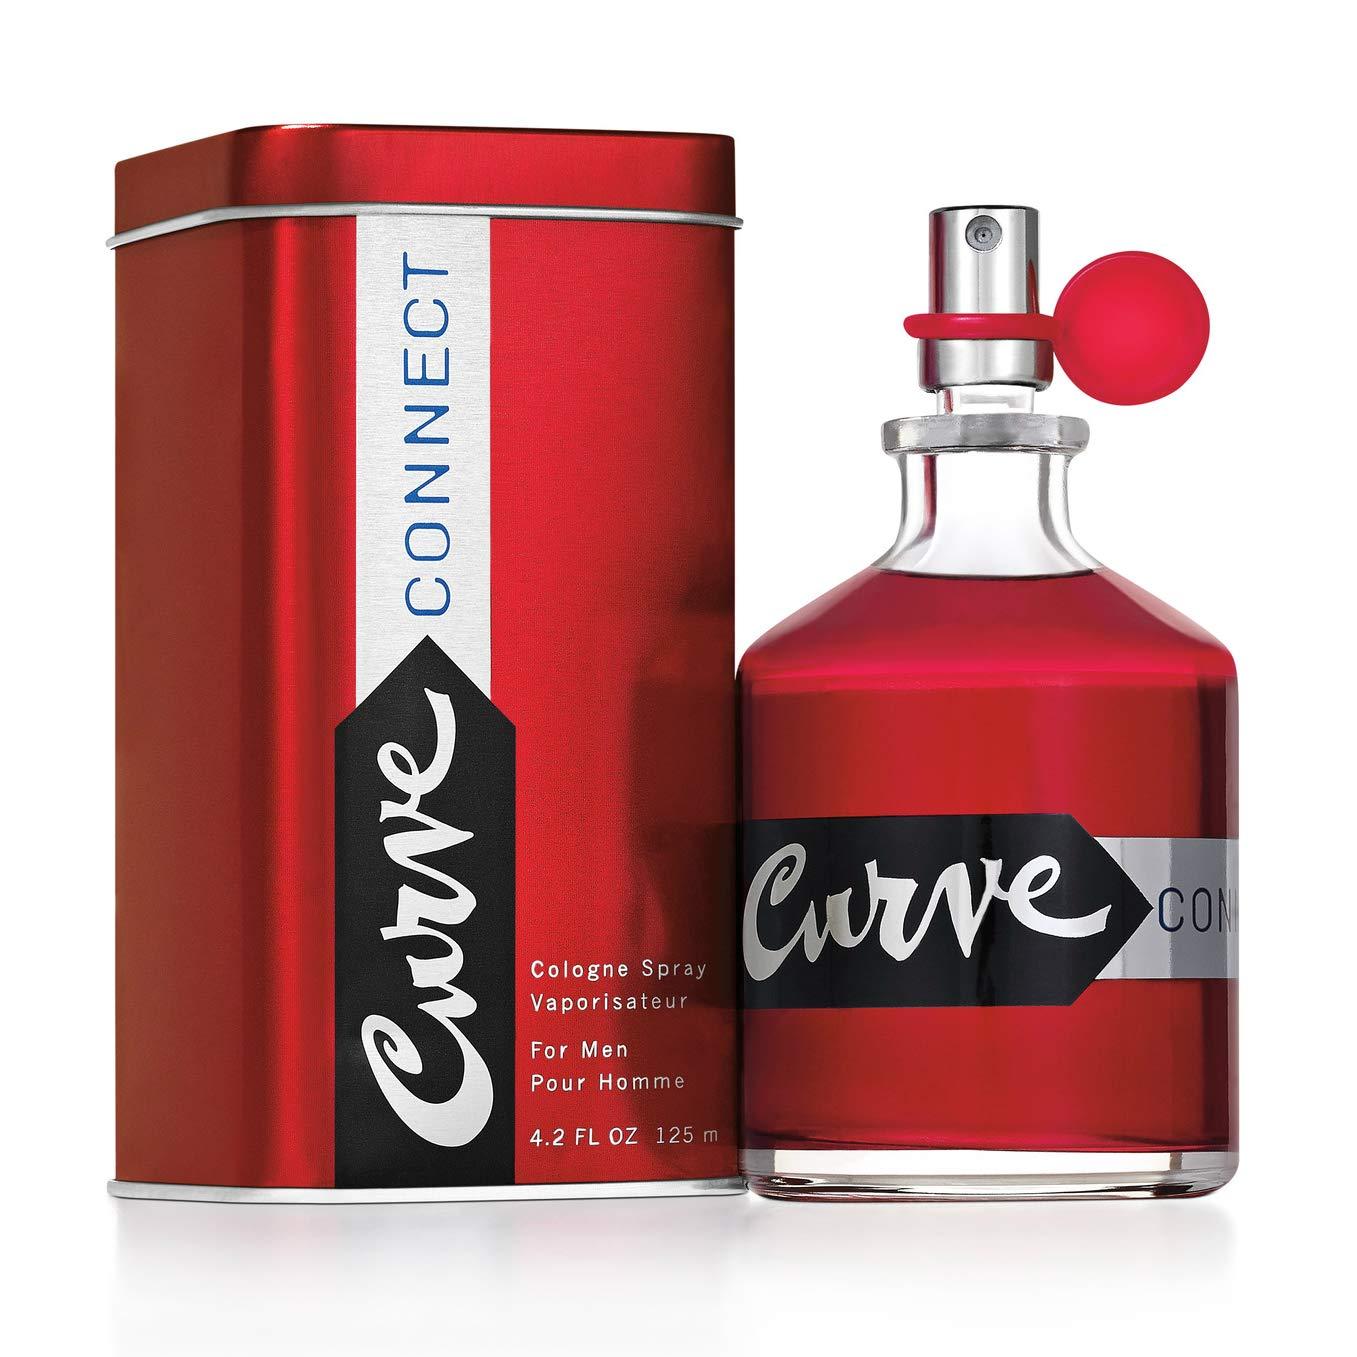 Curve Connect by Liz Claiborne for Men 4.2 oz Cologne Spray by Liz Claiborne